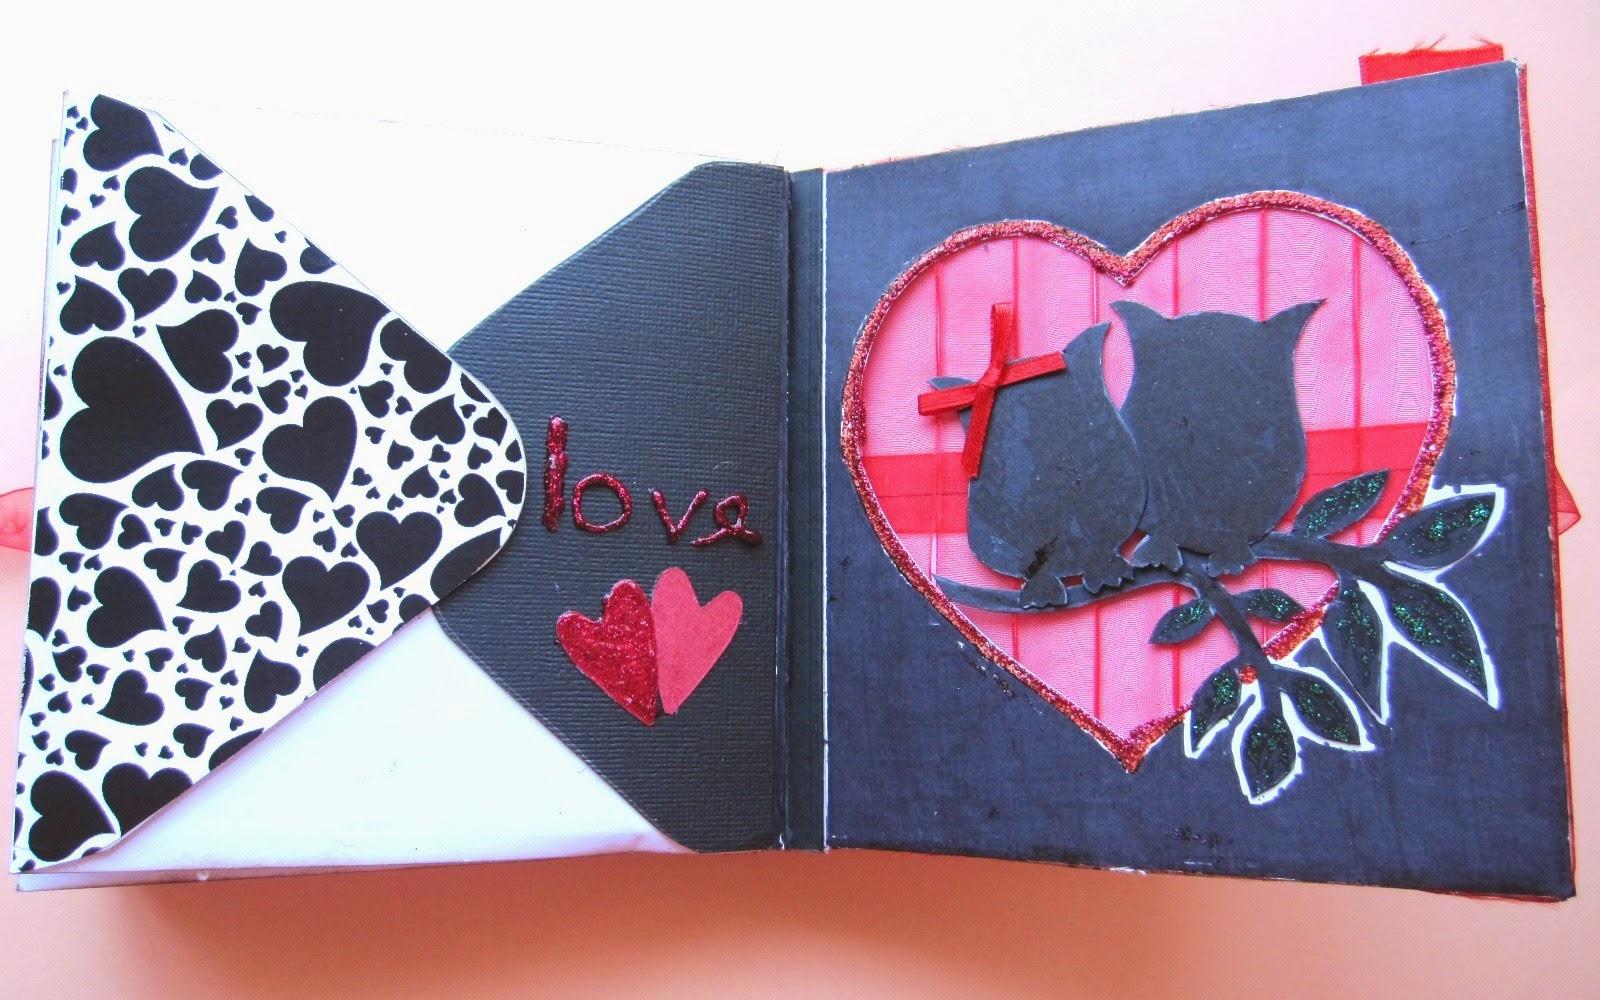 foto 6 decoración interior LOVE mini-álbum a la izquierda parte trasera de un sobre con la solapa decorada con corazones negros y a la derecha silueta de búhos enamorados a contraluz de luna roja hecha con tul